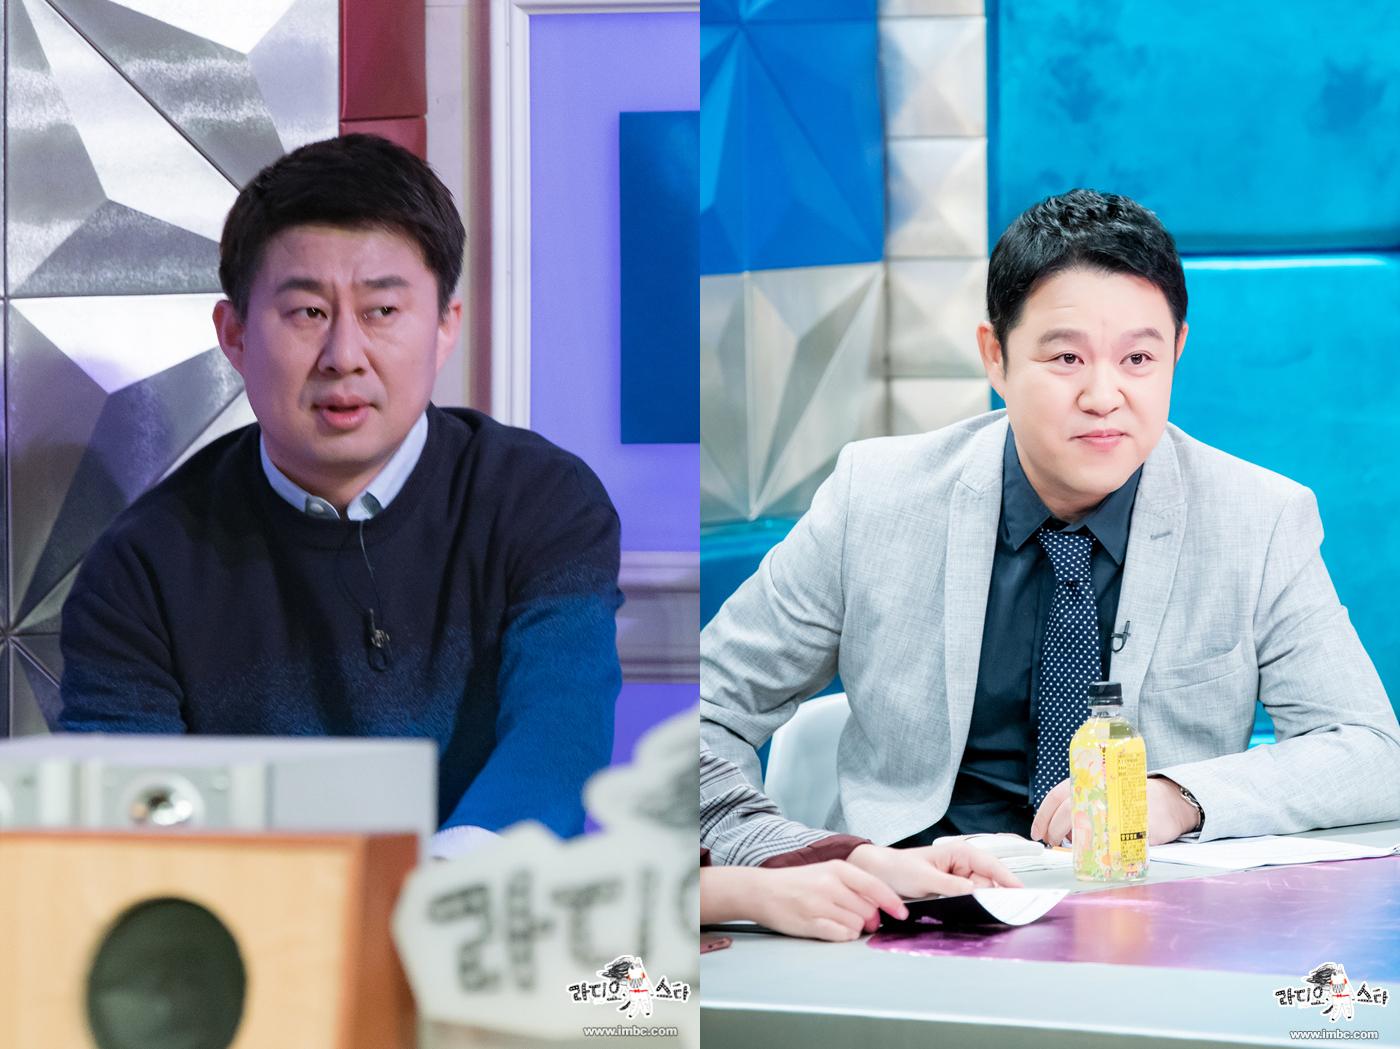 """'라스' 제작진까지 나섰다… 남희석 공개 저격에 """"김구라, 무례한 MC 아냐"""" [전문]"""